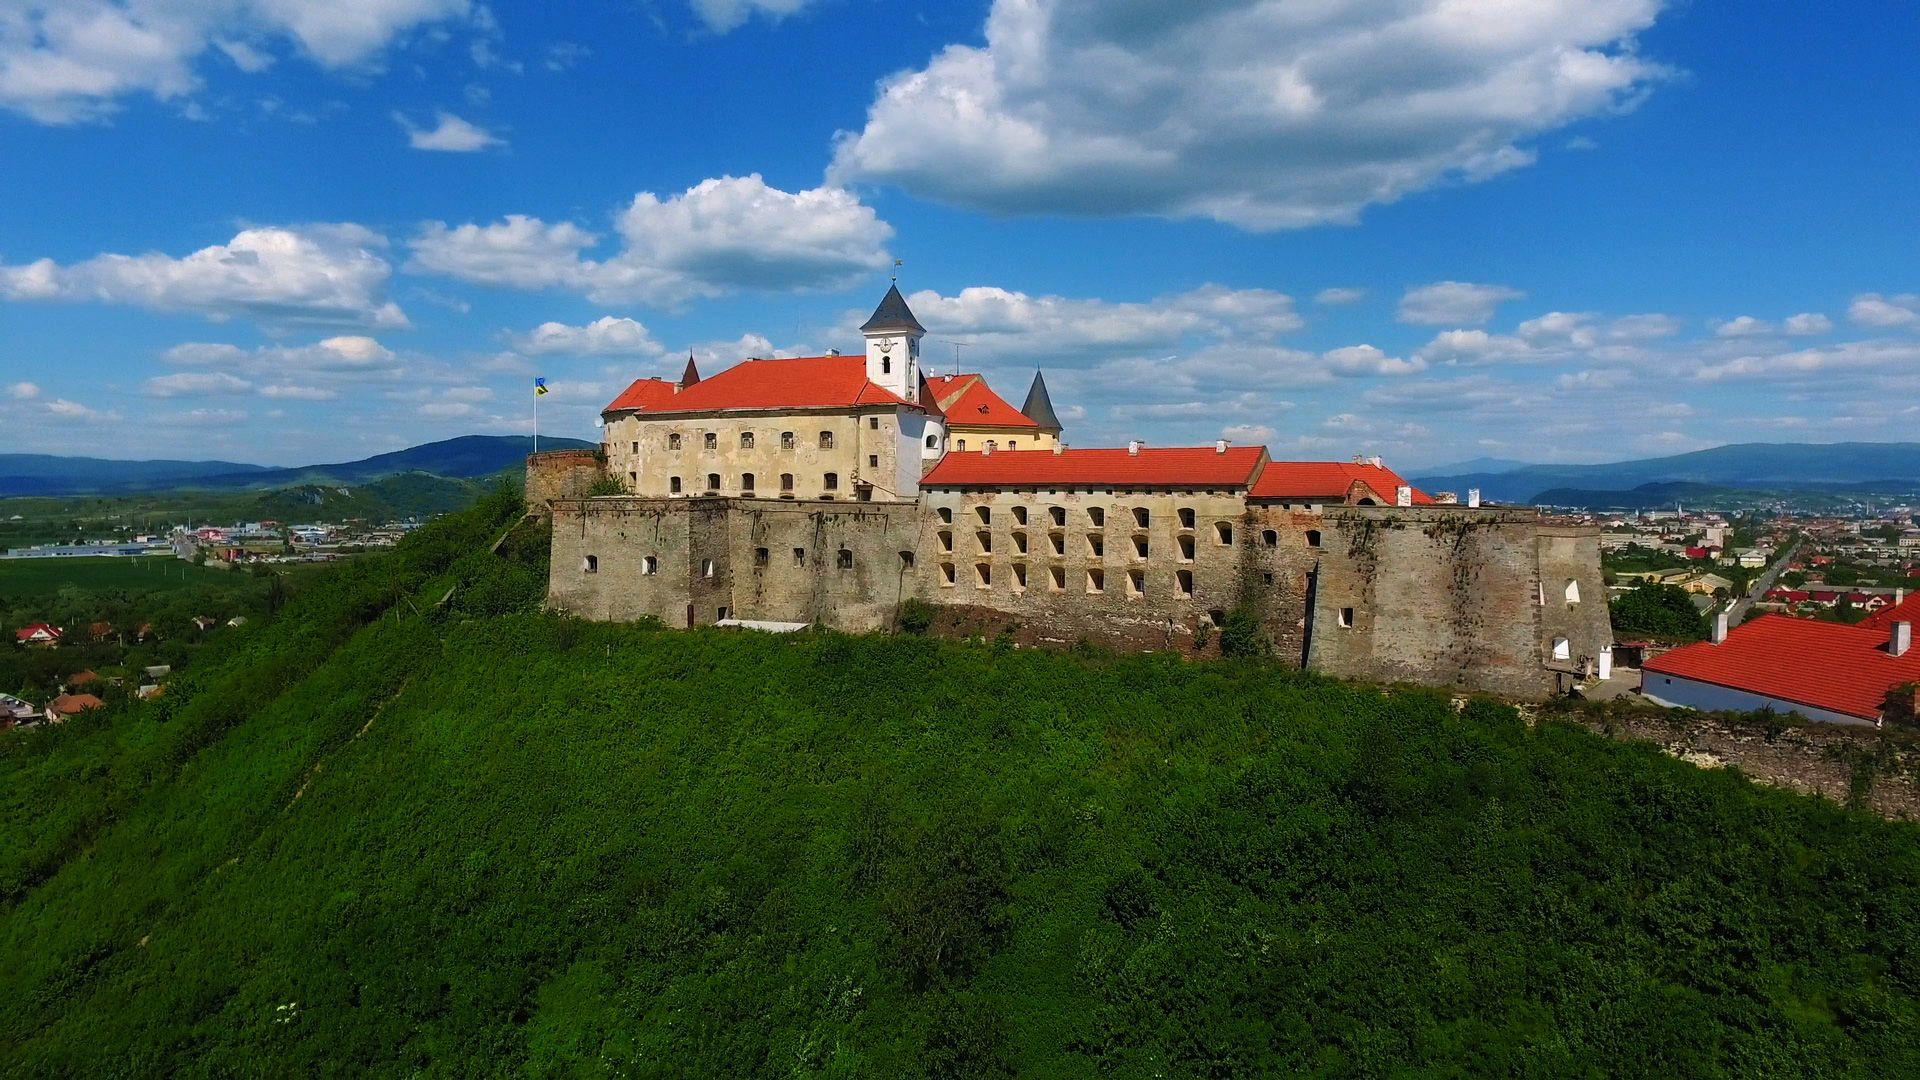 Замки Закарпаття, історія та фото замків на Закарпатті. Сьогодення фортець.